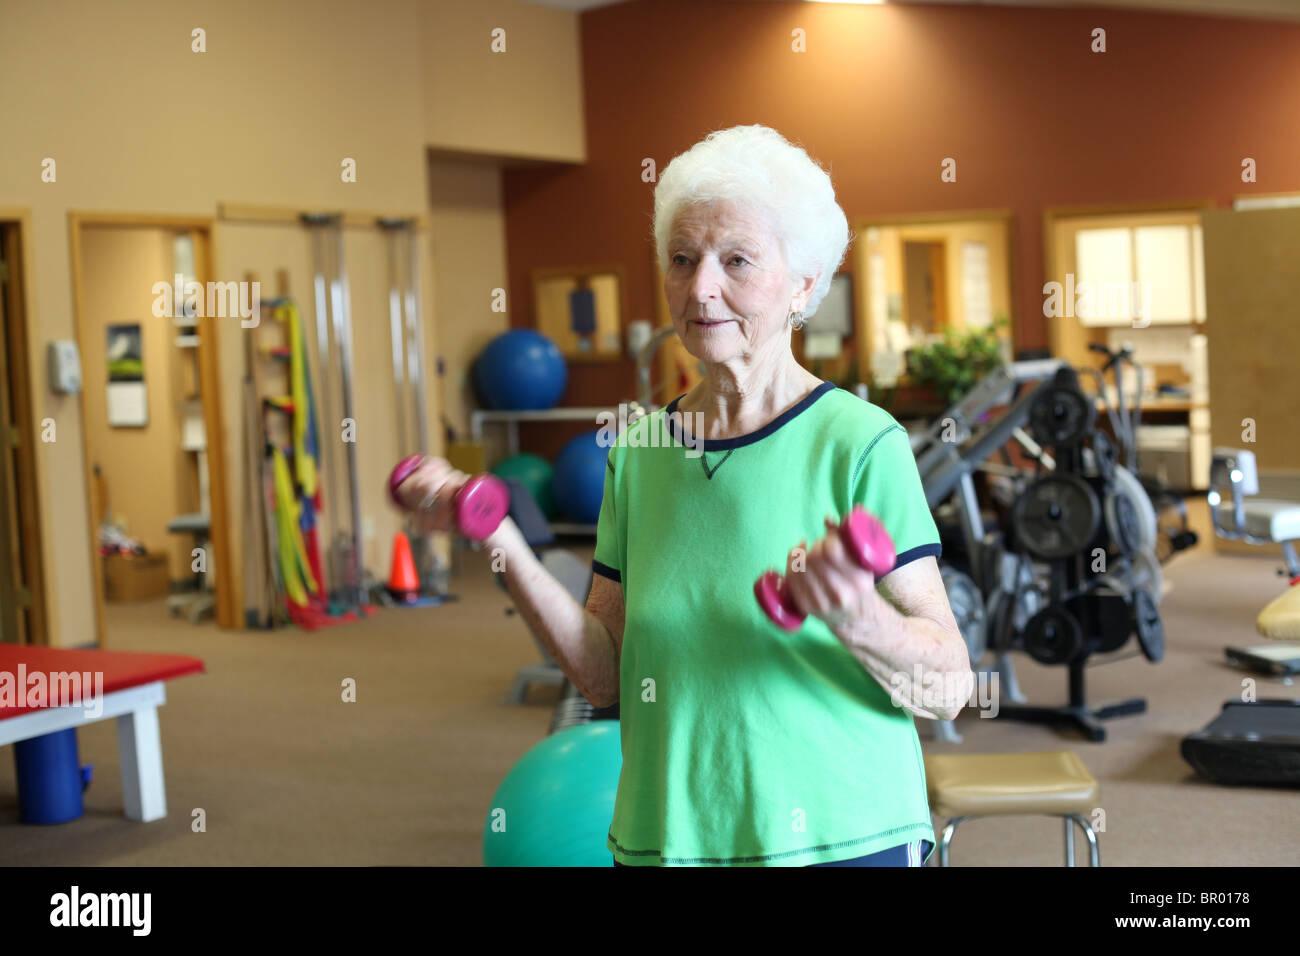 gesunde ältere Frau Training mit Gewichten im Fitnessstudio Stockbild